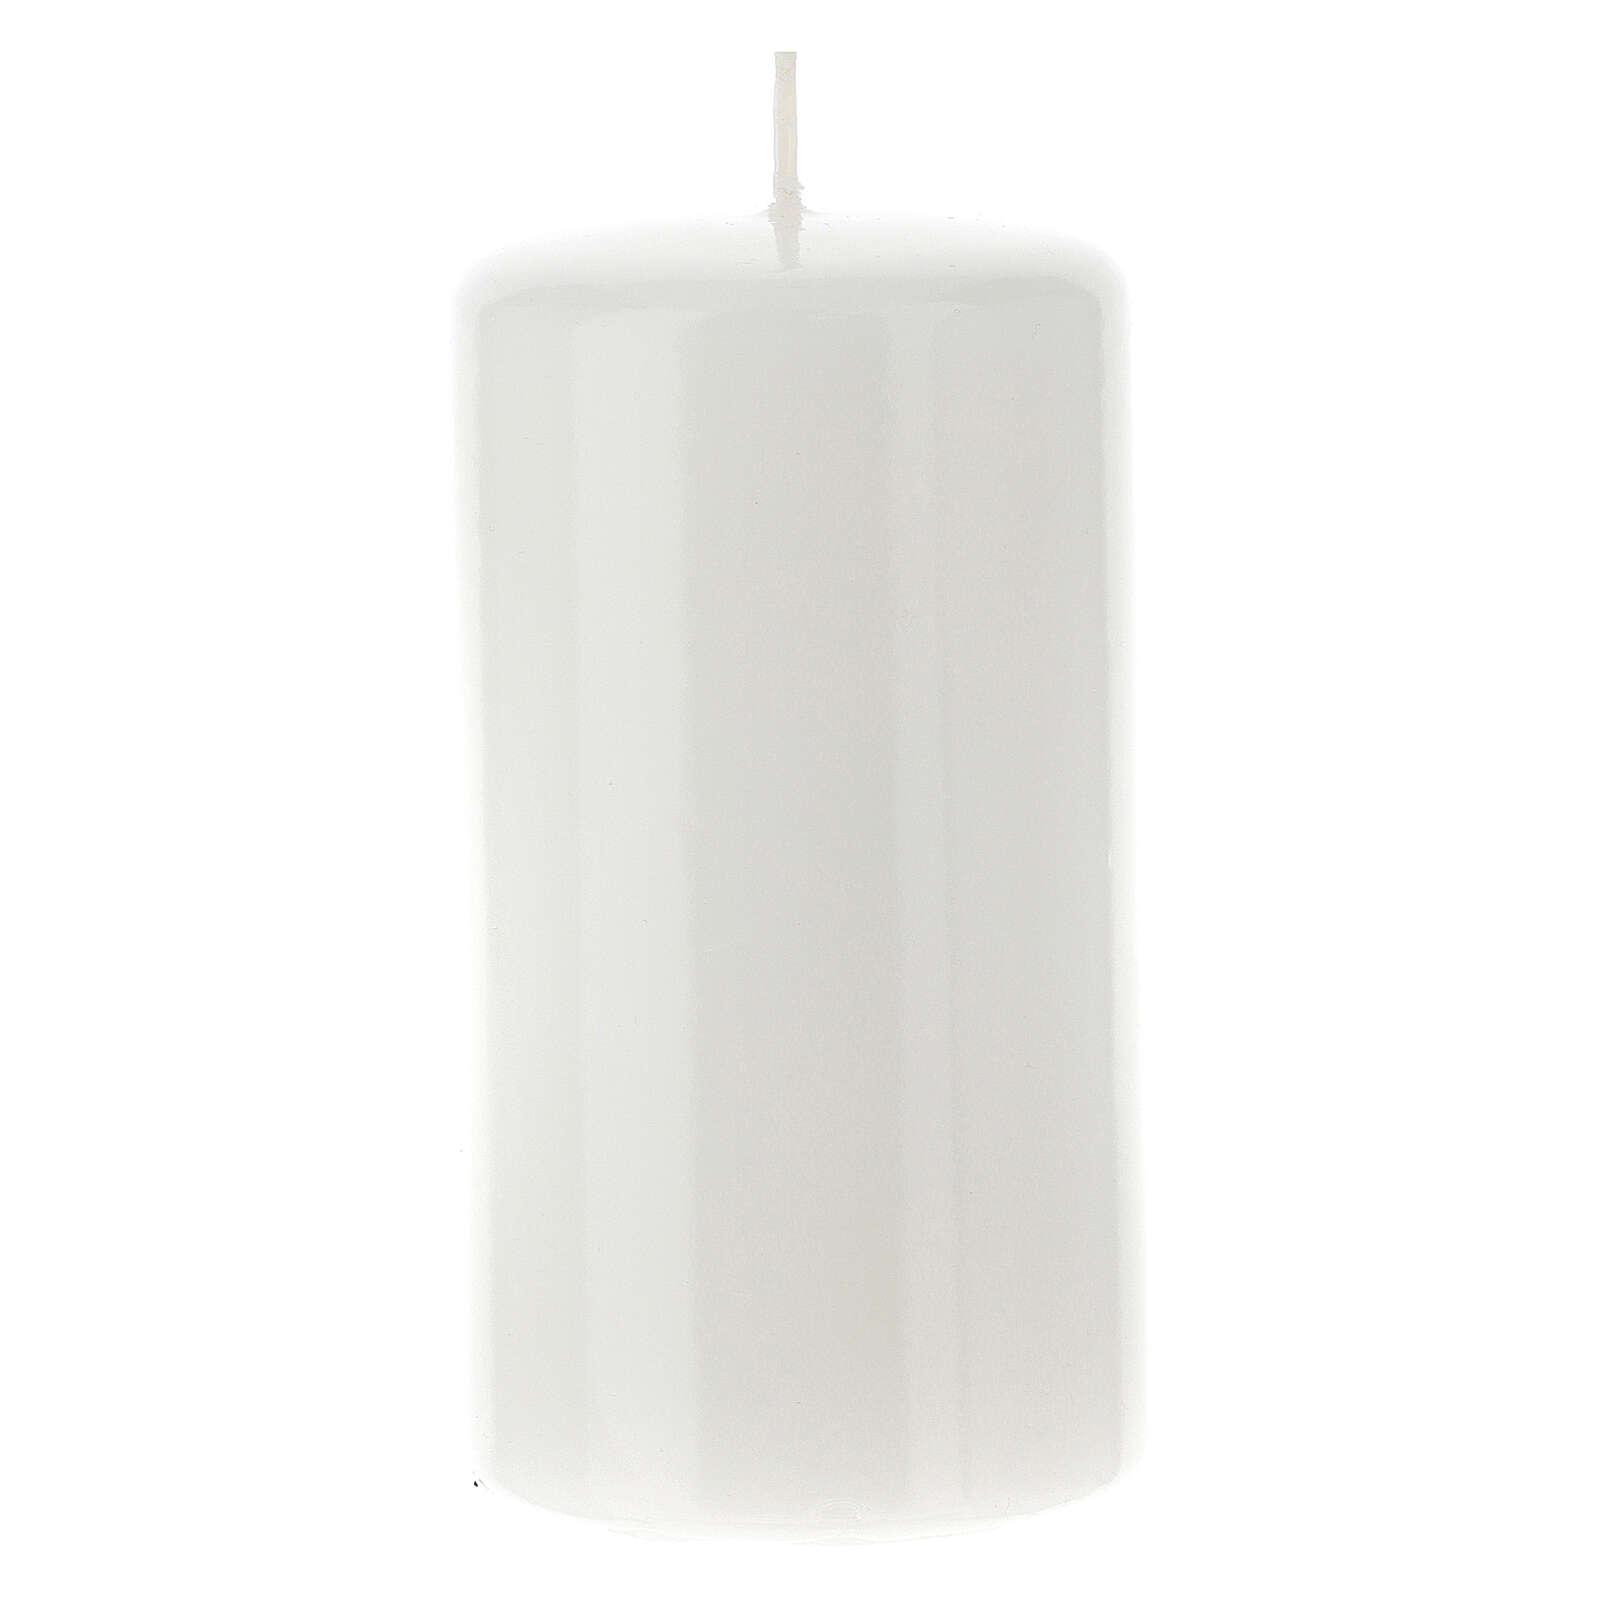 Cero per altare lucido 80 x 150 mm 3